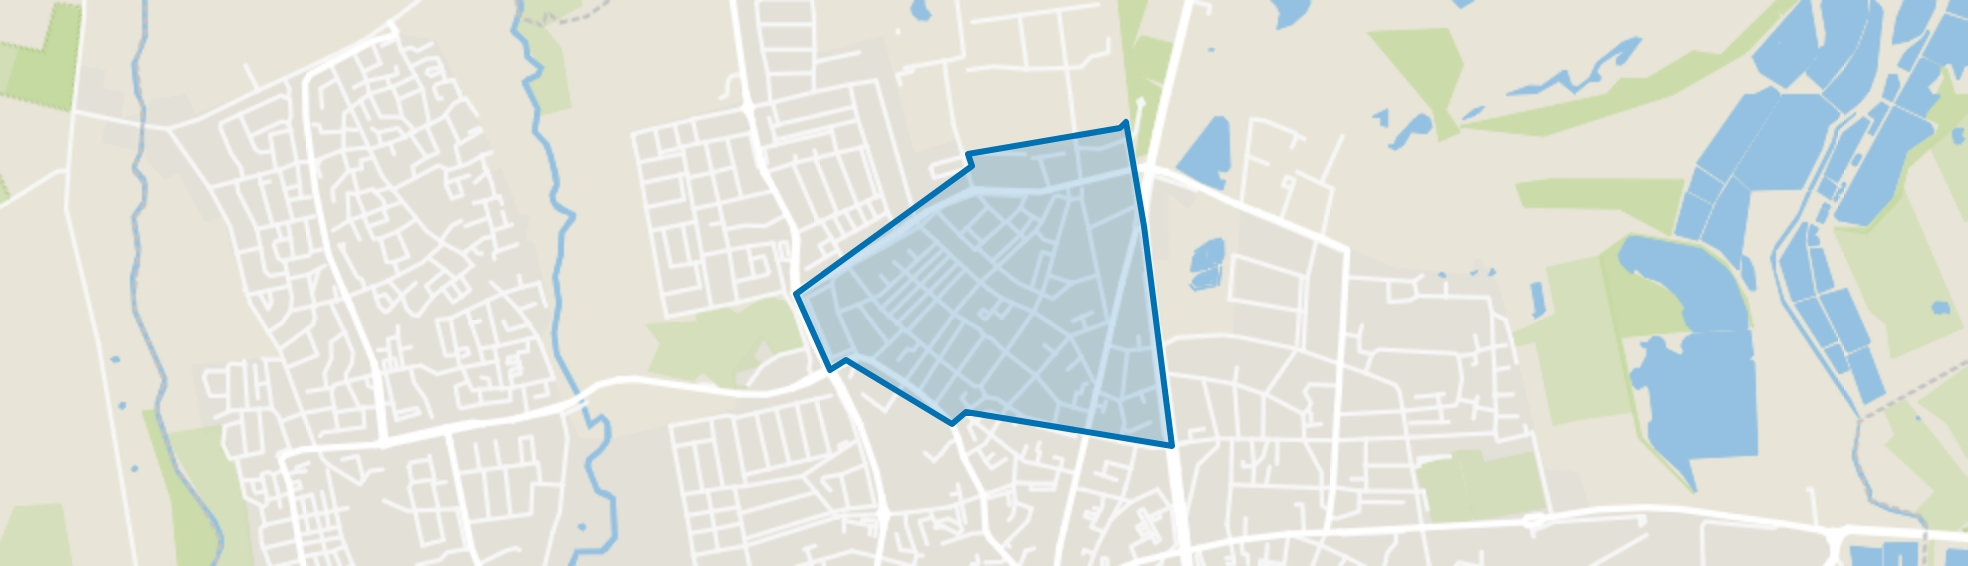 Geenhoven, Valkenswaard map